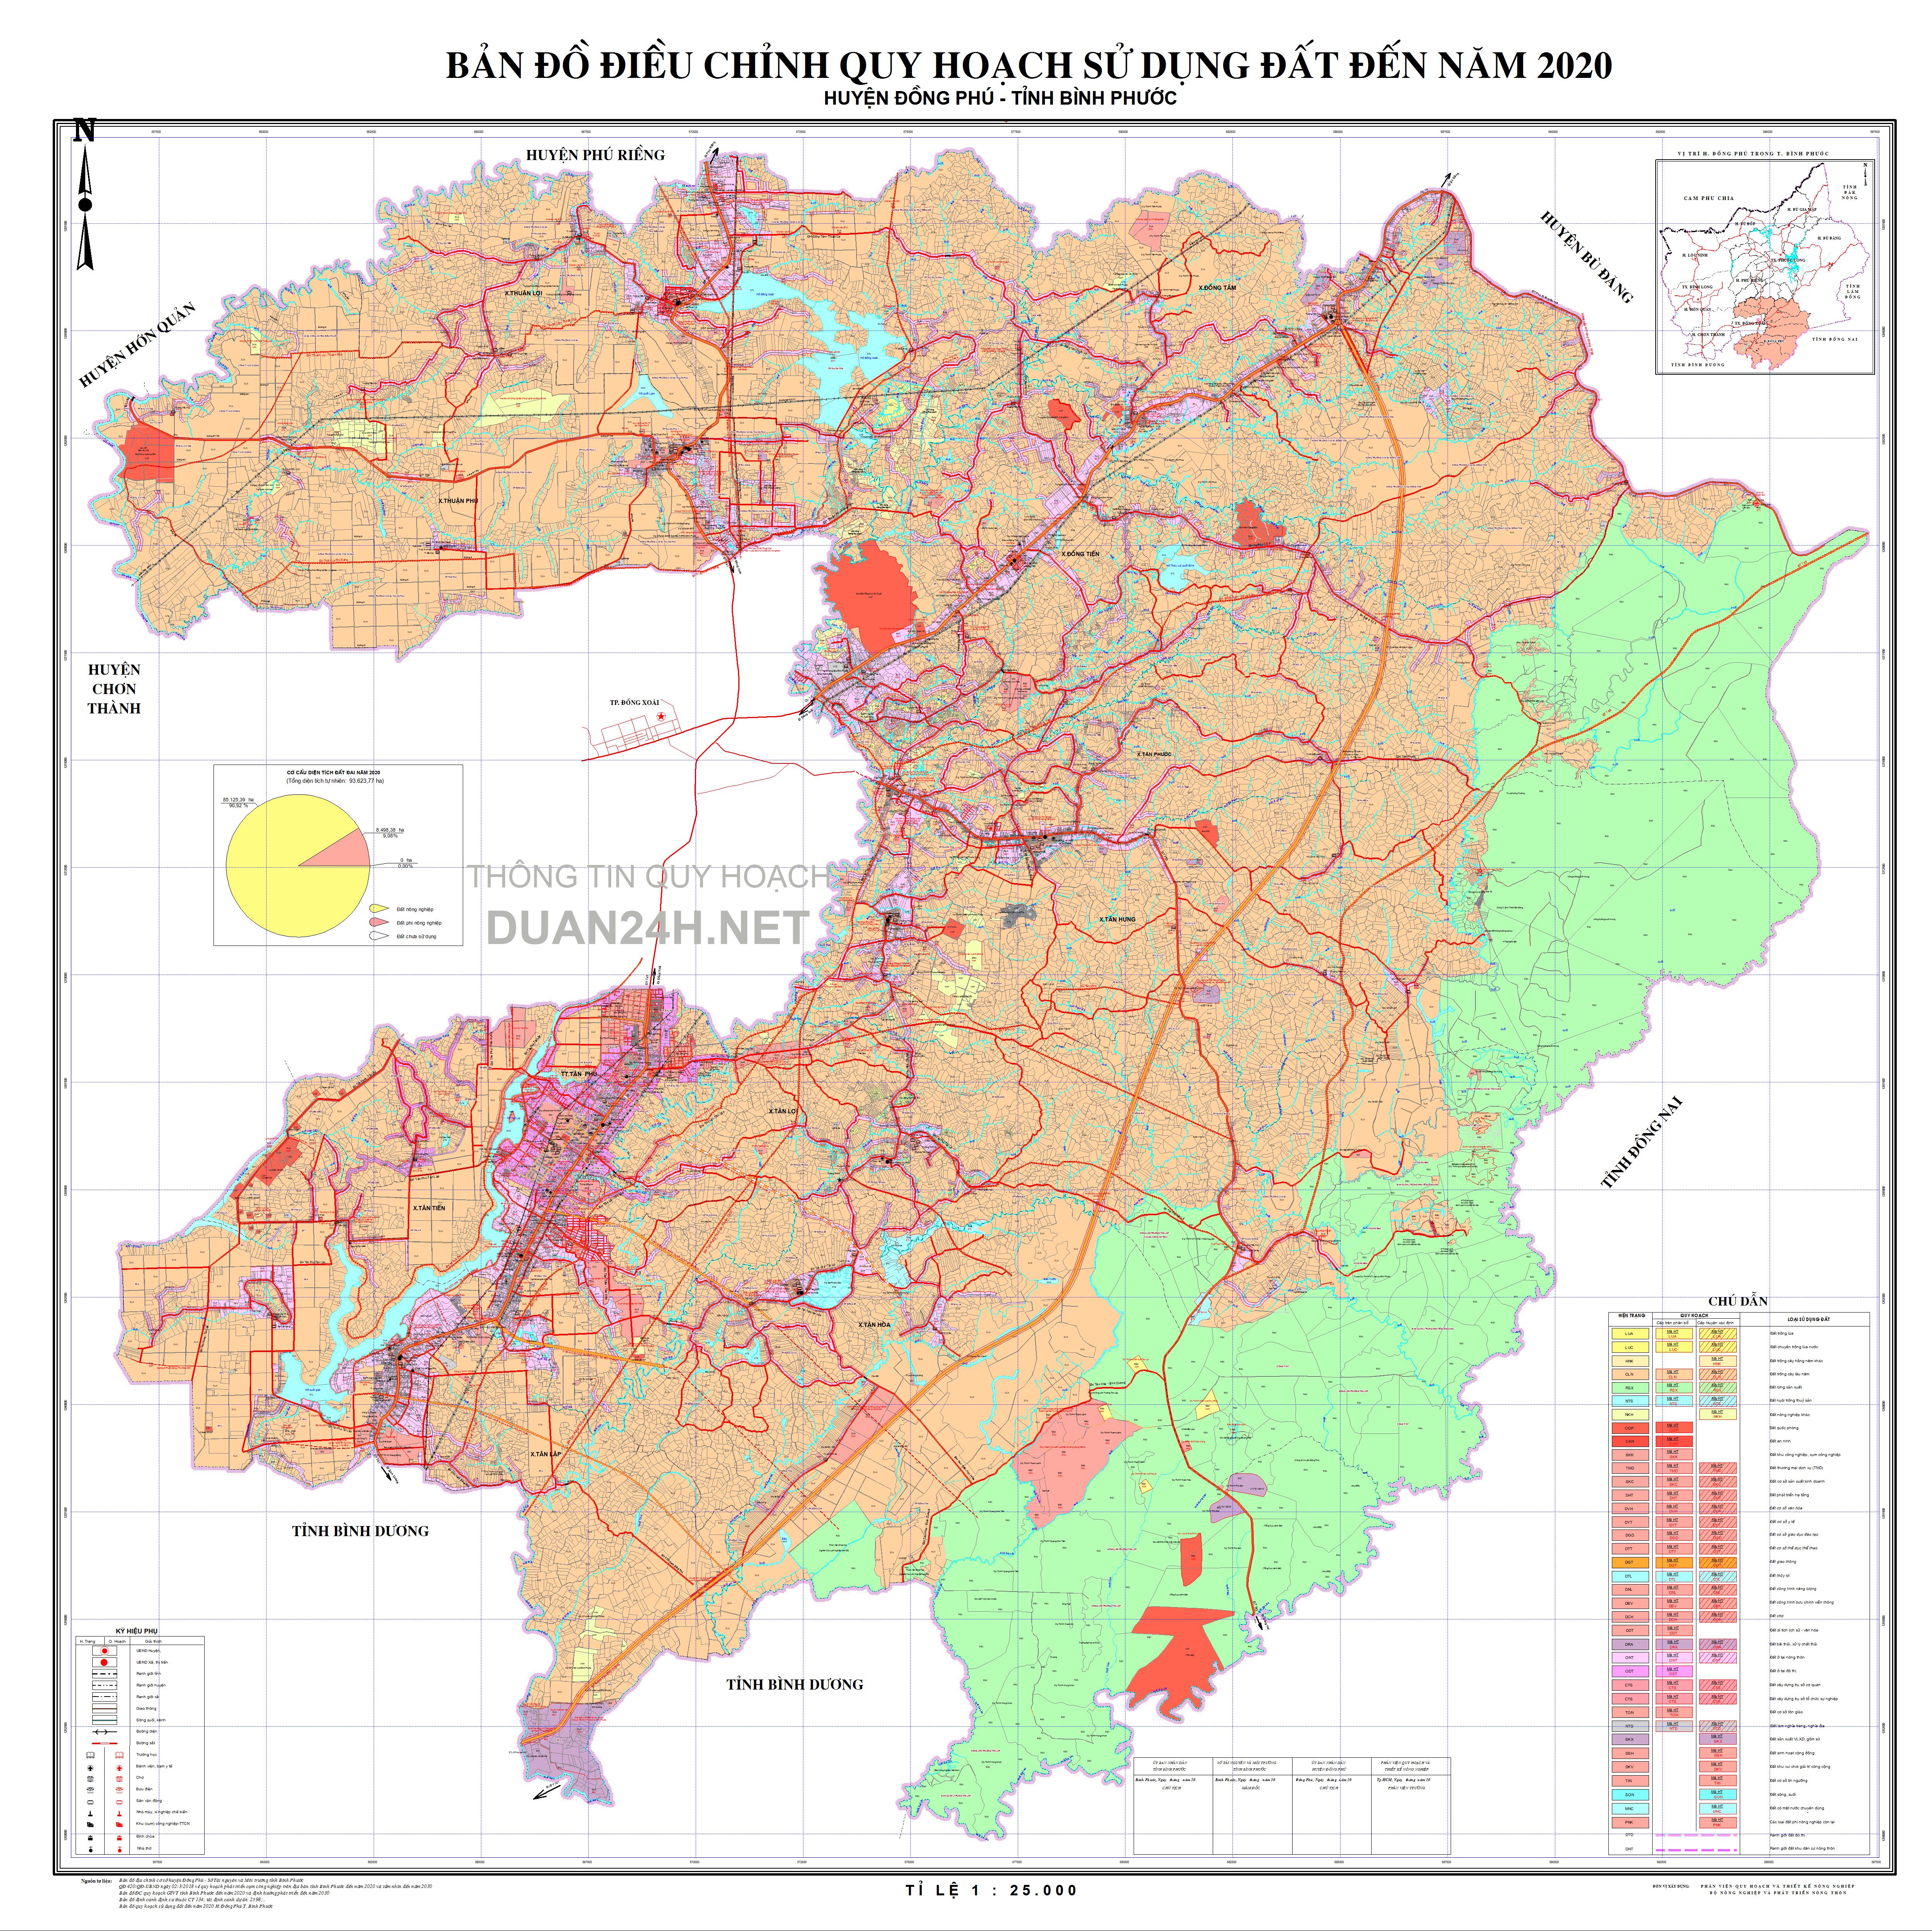 Bản đồ quy hoạch sử dụng đất huyện Đông Phú, tỉnh Bình Phước năm 2020